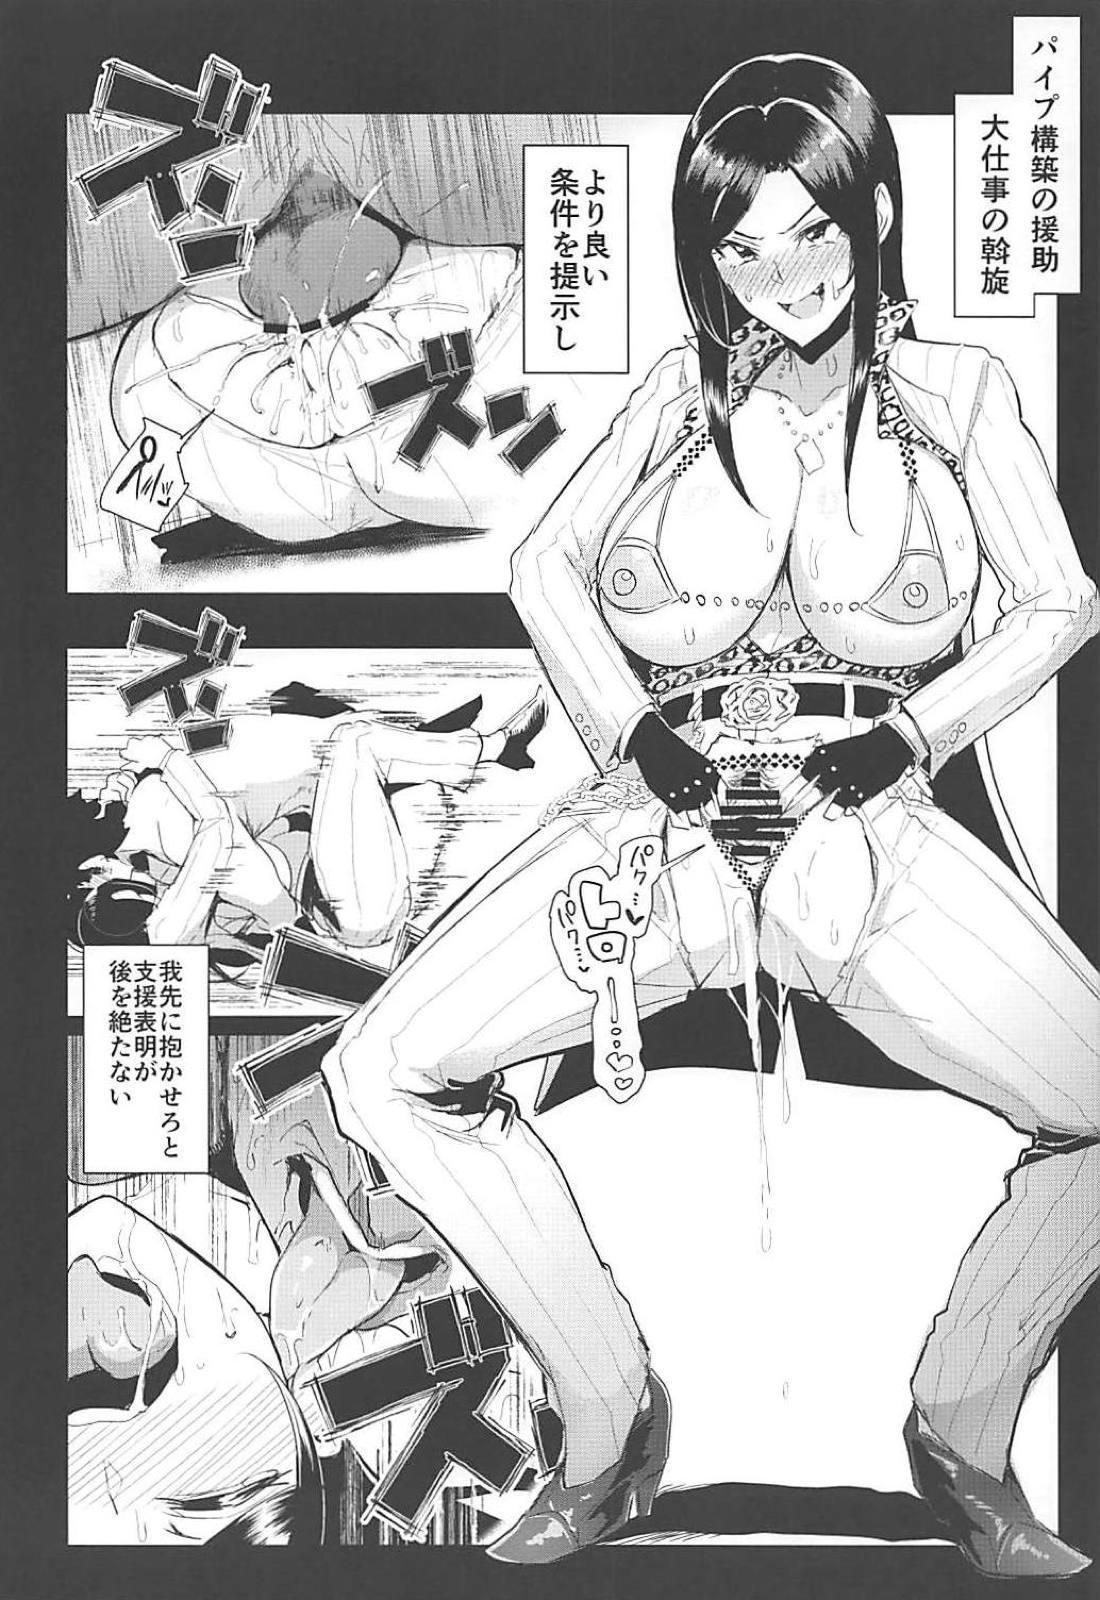 Shinai Max Mattanashi! 4 4